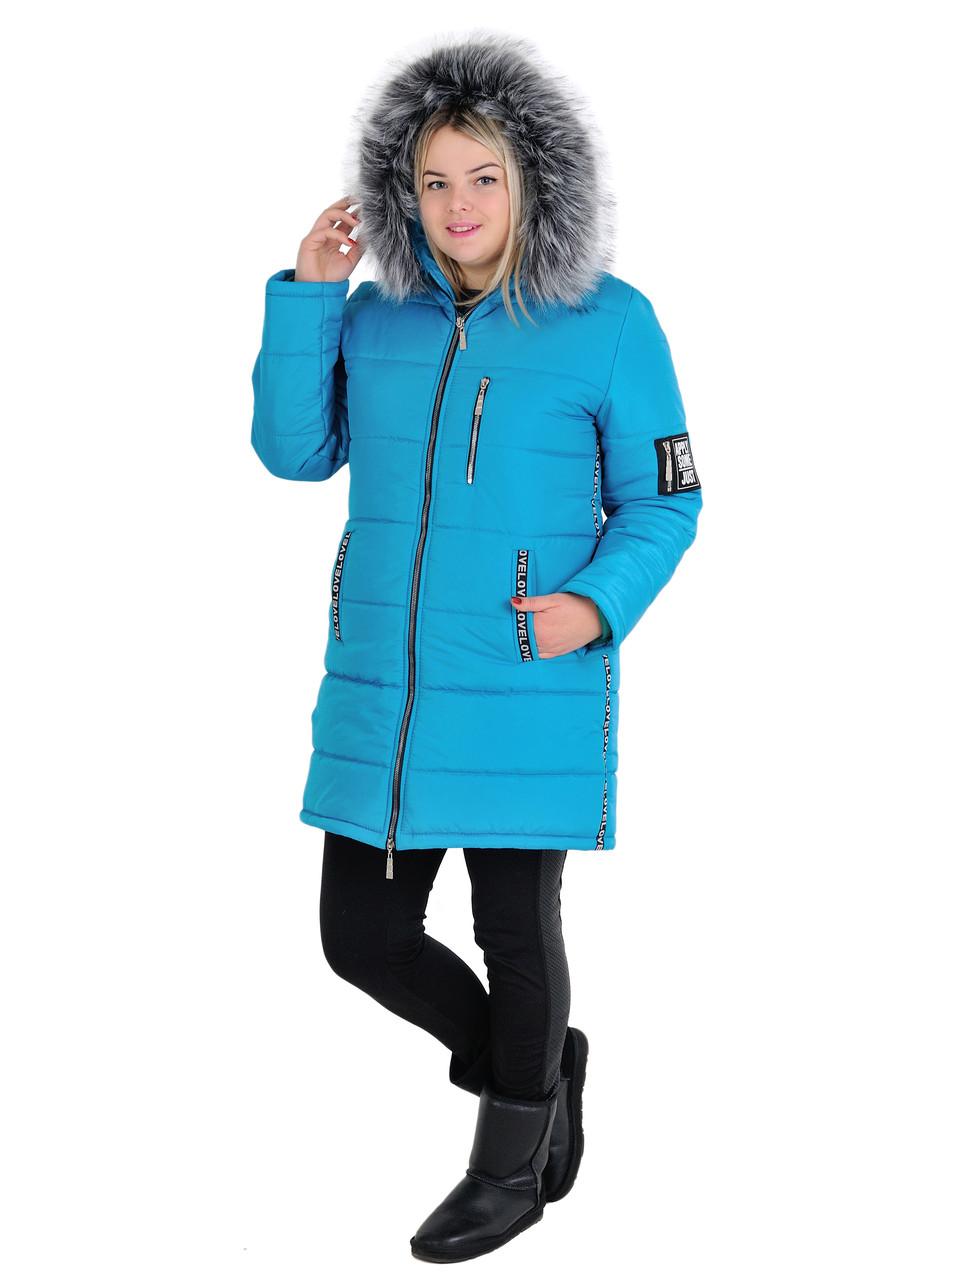 Куртка пальто женская зимняя удлиненная, разных цветов, модель Love, размеры от 42 до 66